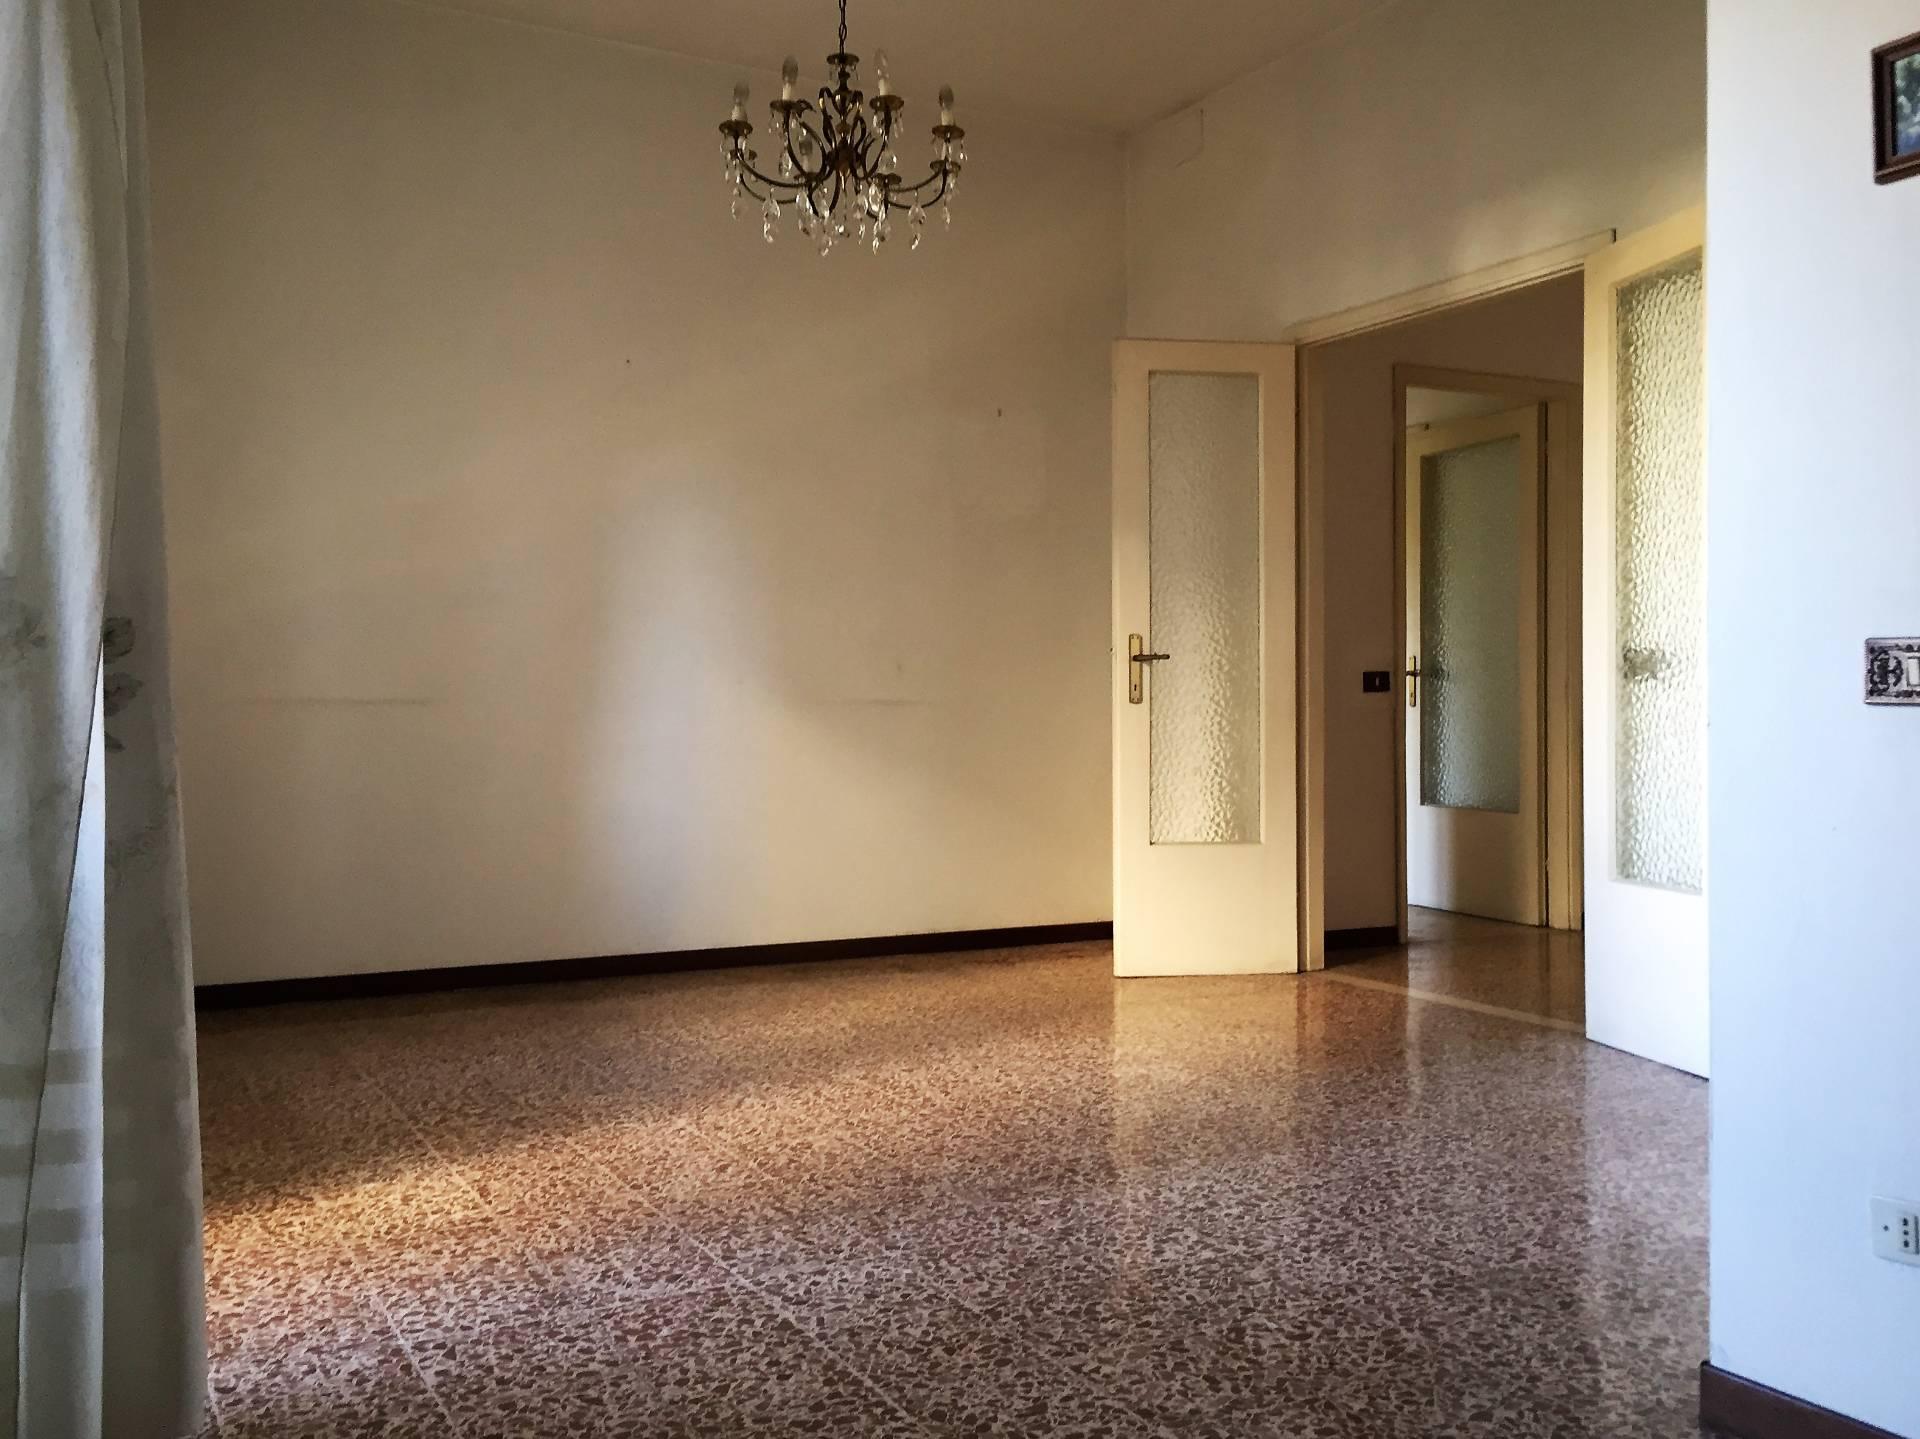 Appartamento in vendita a Lucca, 4 locali, zona Località: SanConcordioContrada, prezzo € 140.000 | Cambio Casa.it